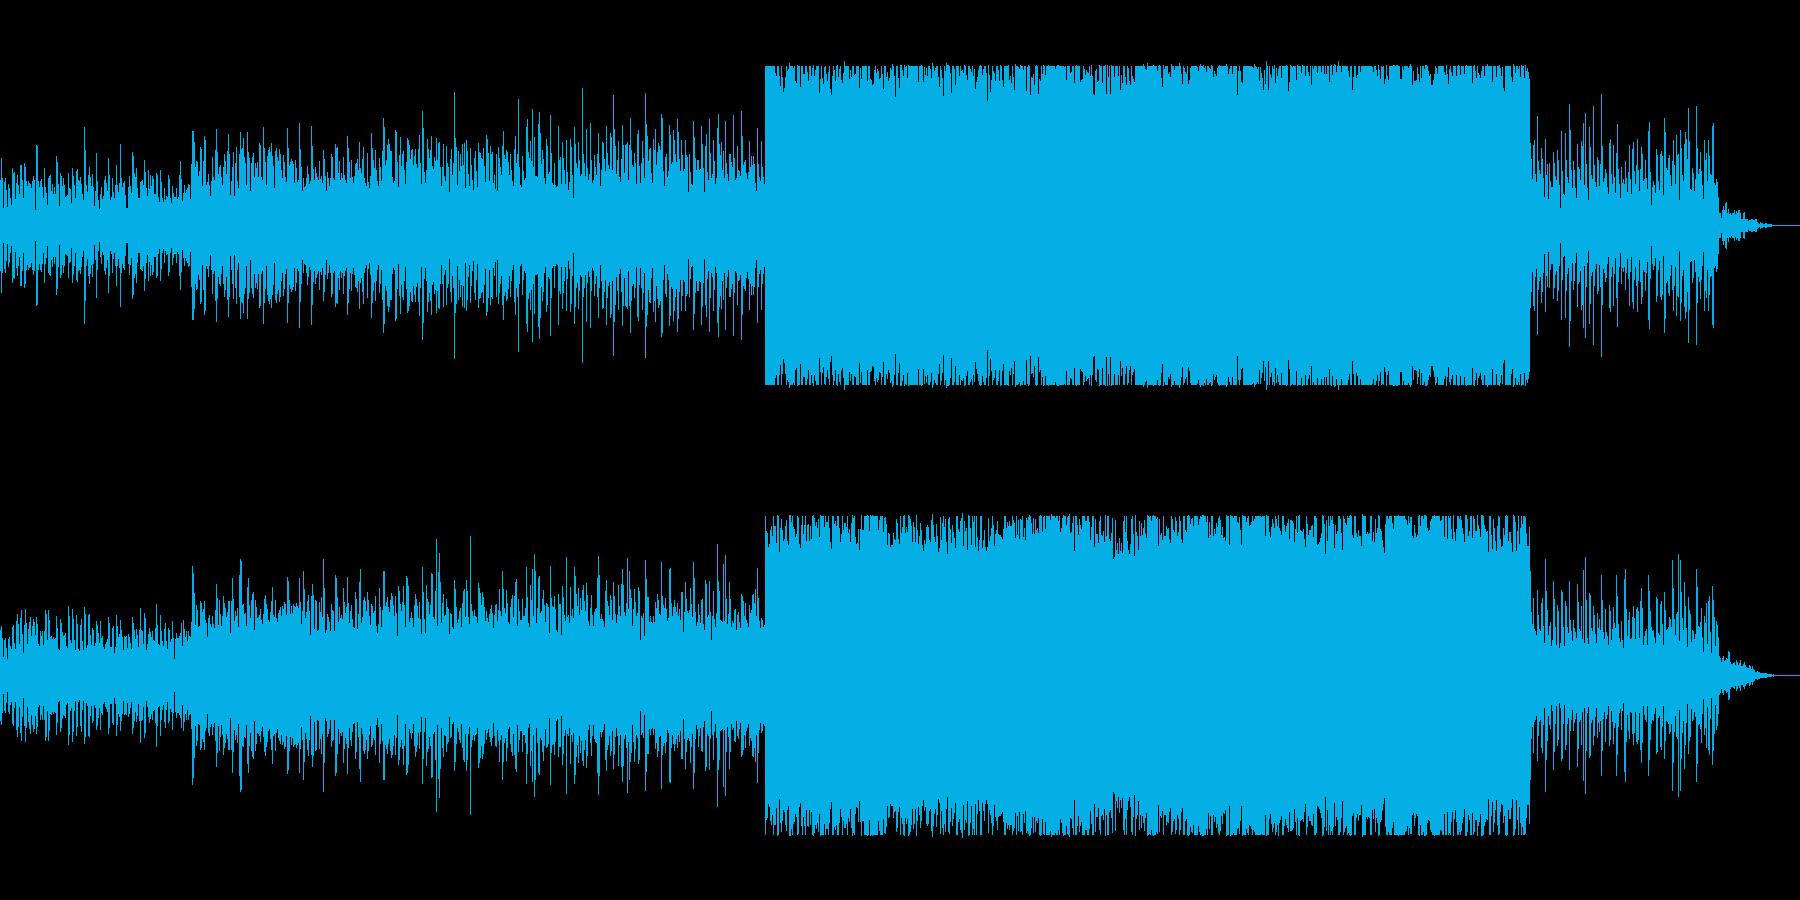 疾走感と透明感のあるピアノサウンドの再生済みの波形